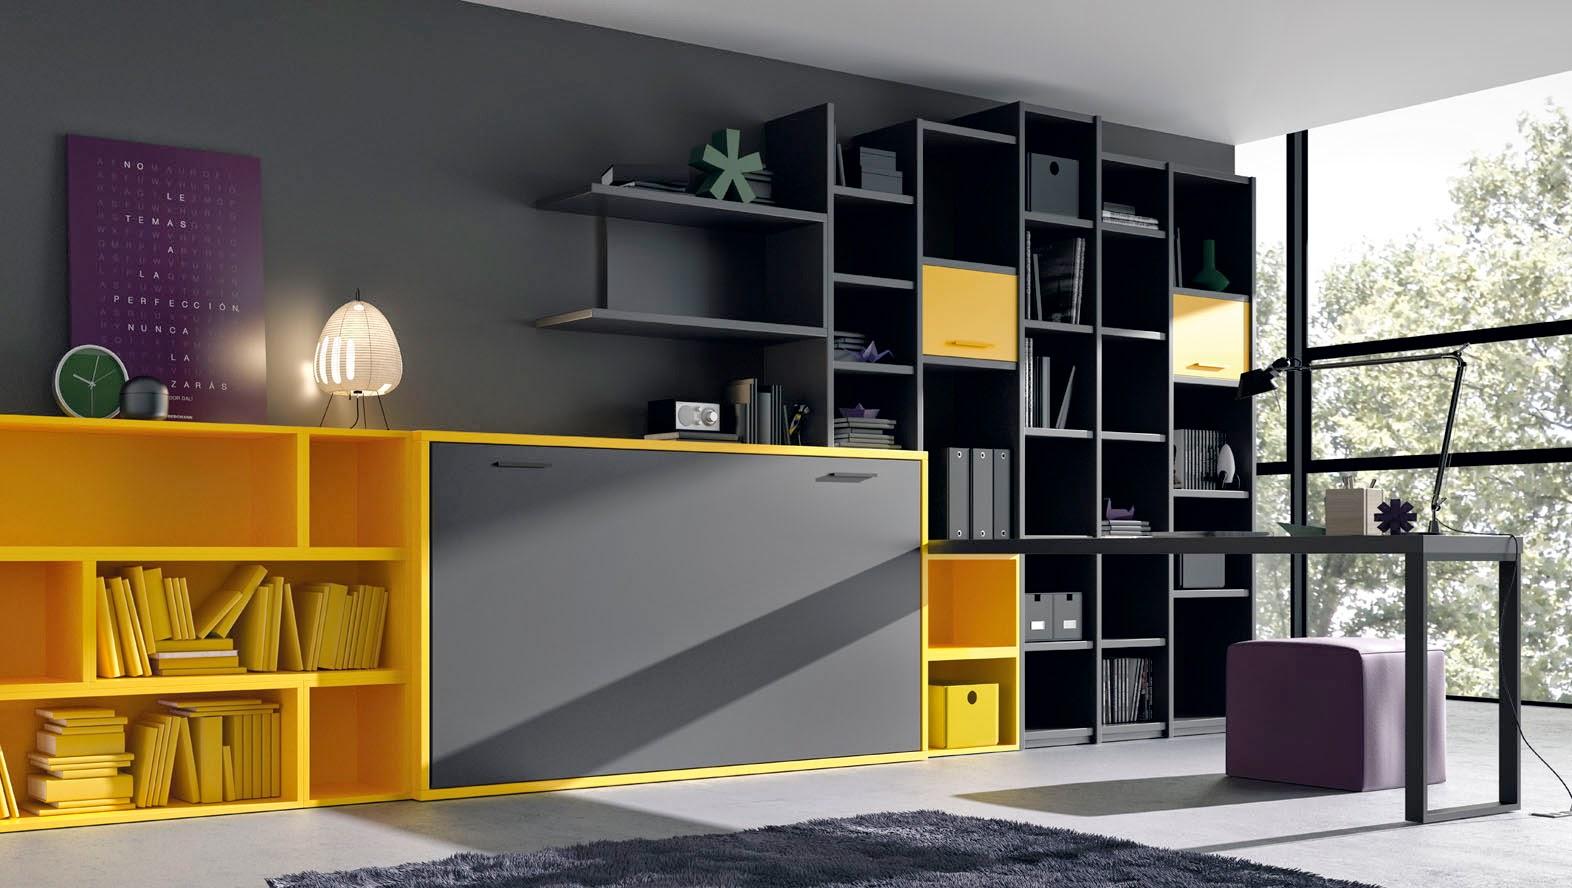 Soluciones Para Dormitorios Juveniles Dormitorios Juveniles  # Muebles Xikara Fuenlabrada